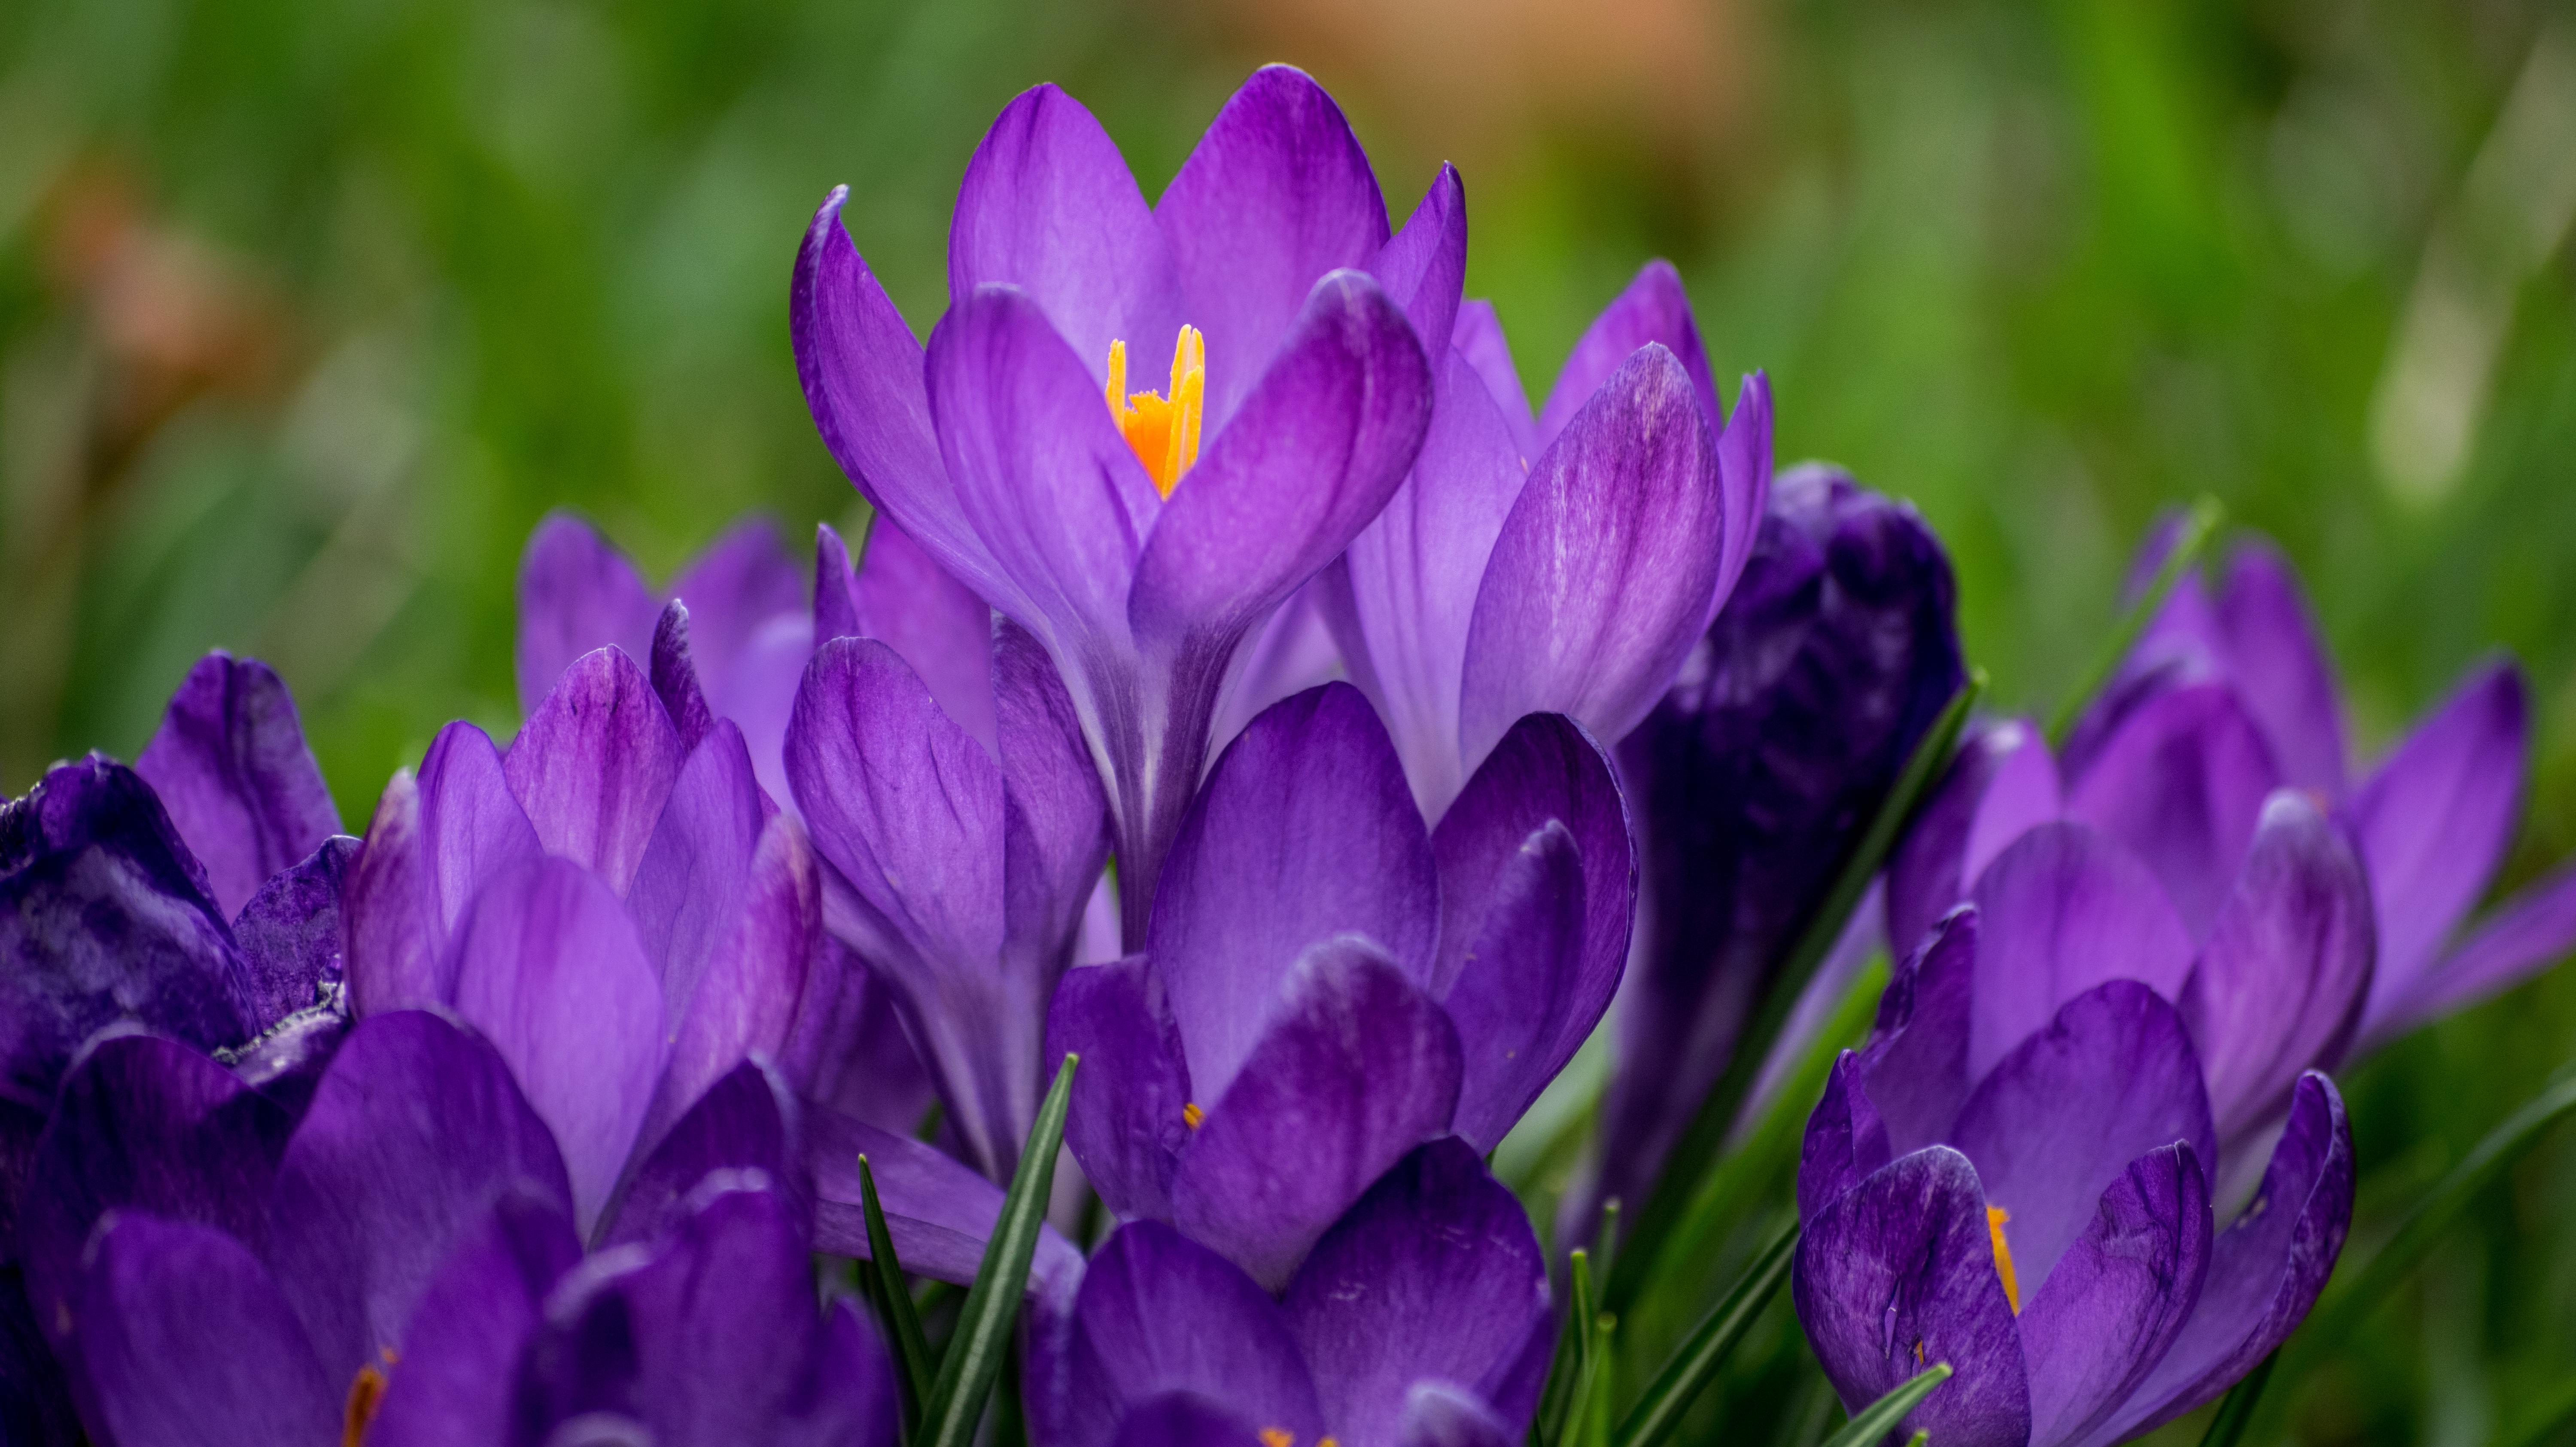 we travel in packs of purple